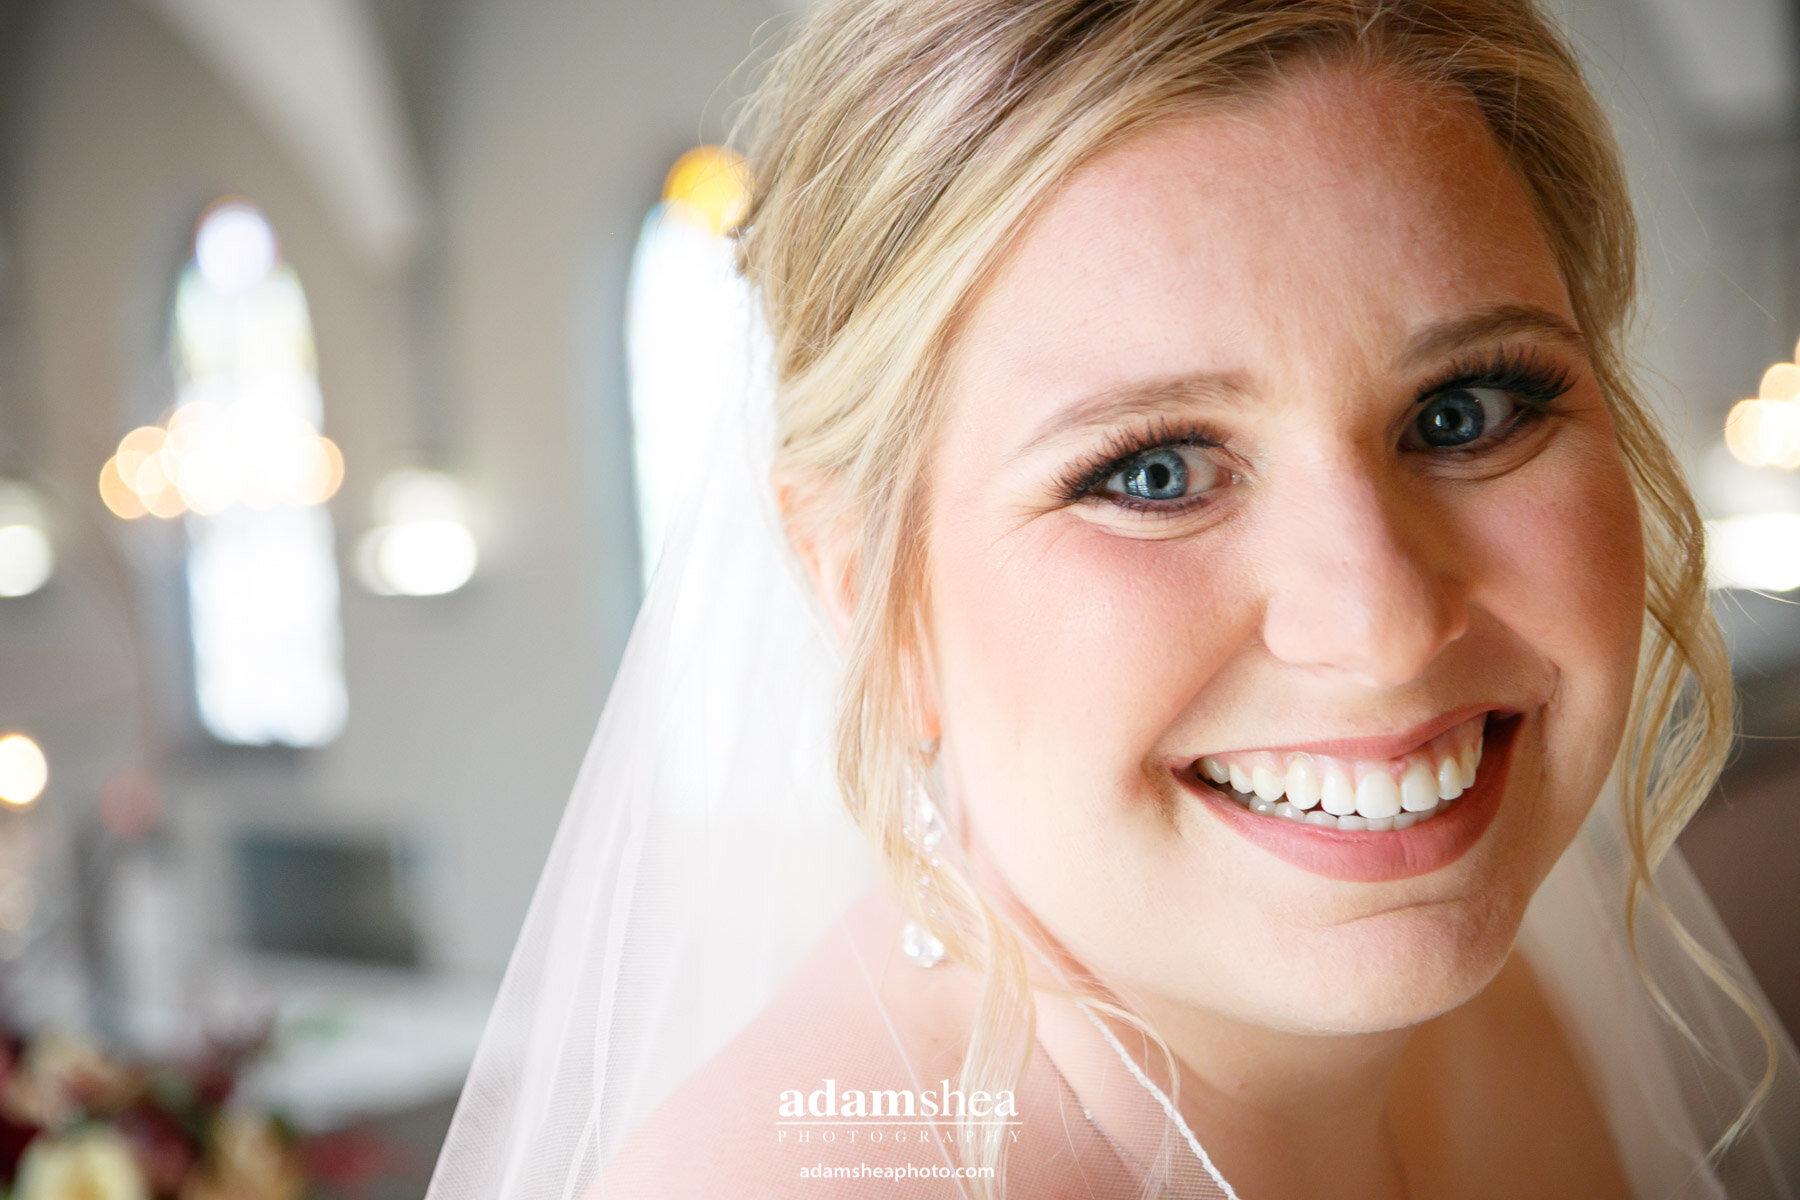 Taylor-Favian-Sepia-Wedding-Chapel-Adam-Shea-Photography-Two-Rivers-WI00008.jpg